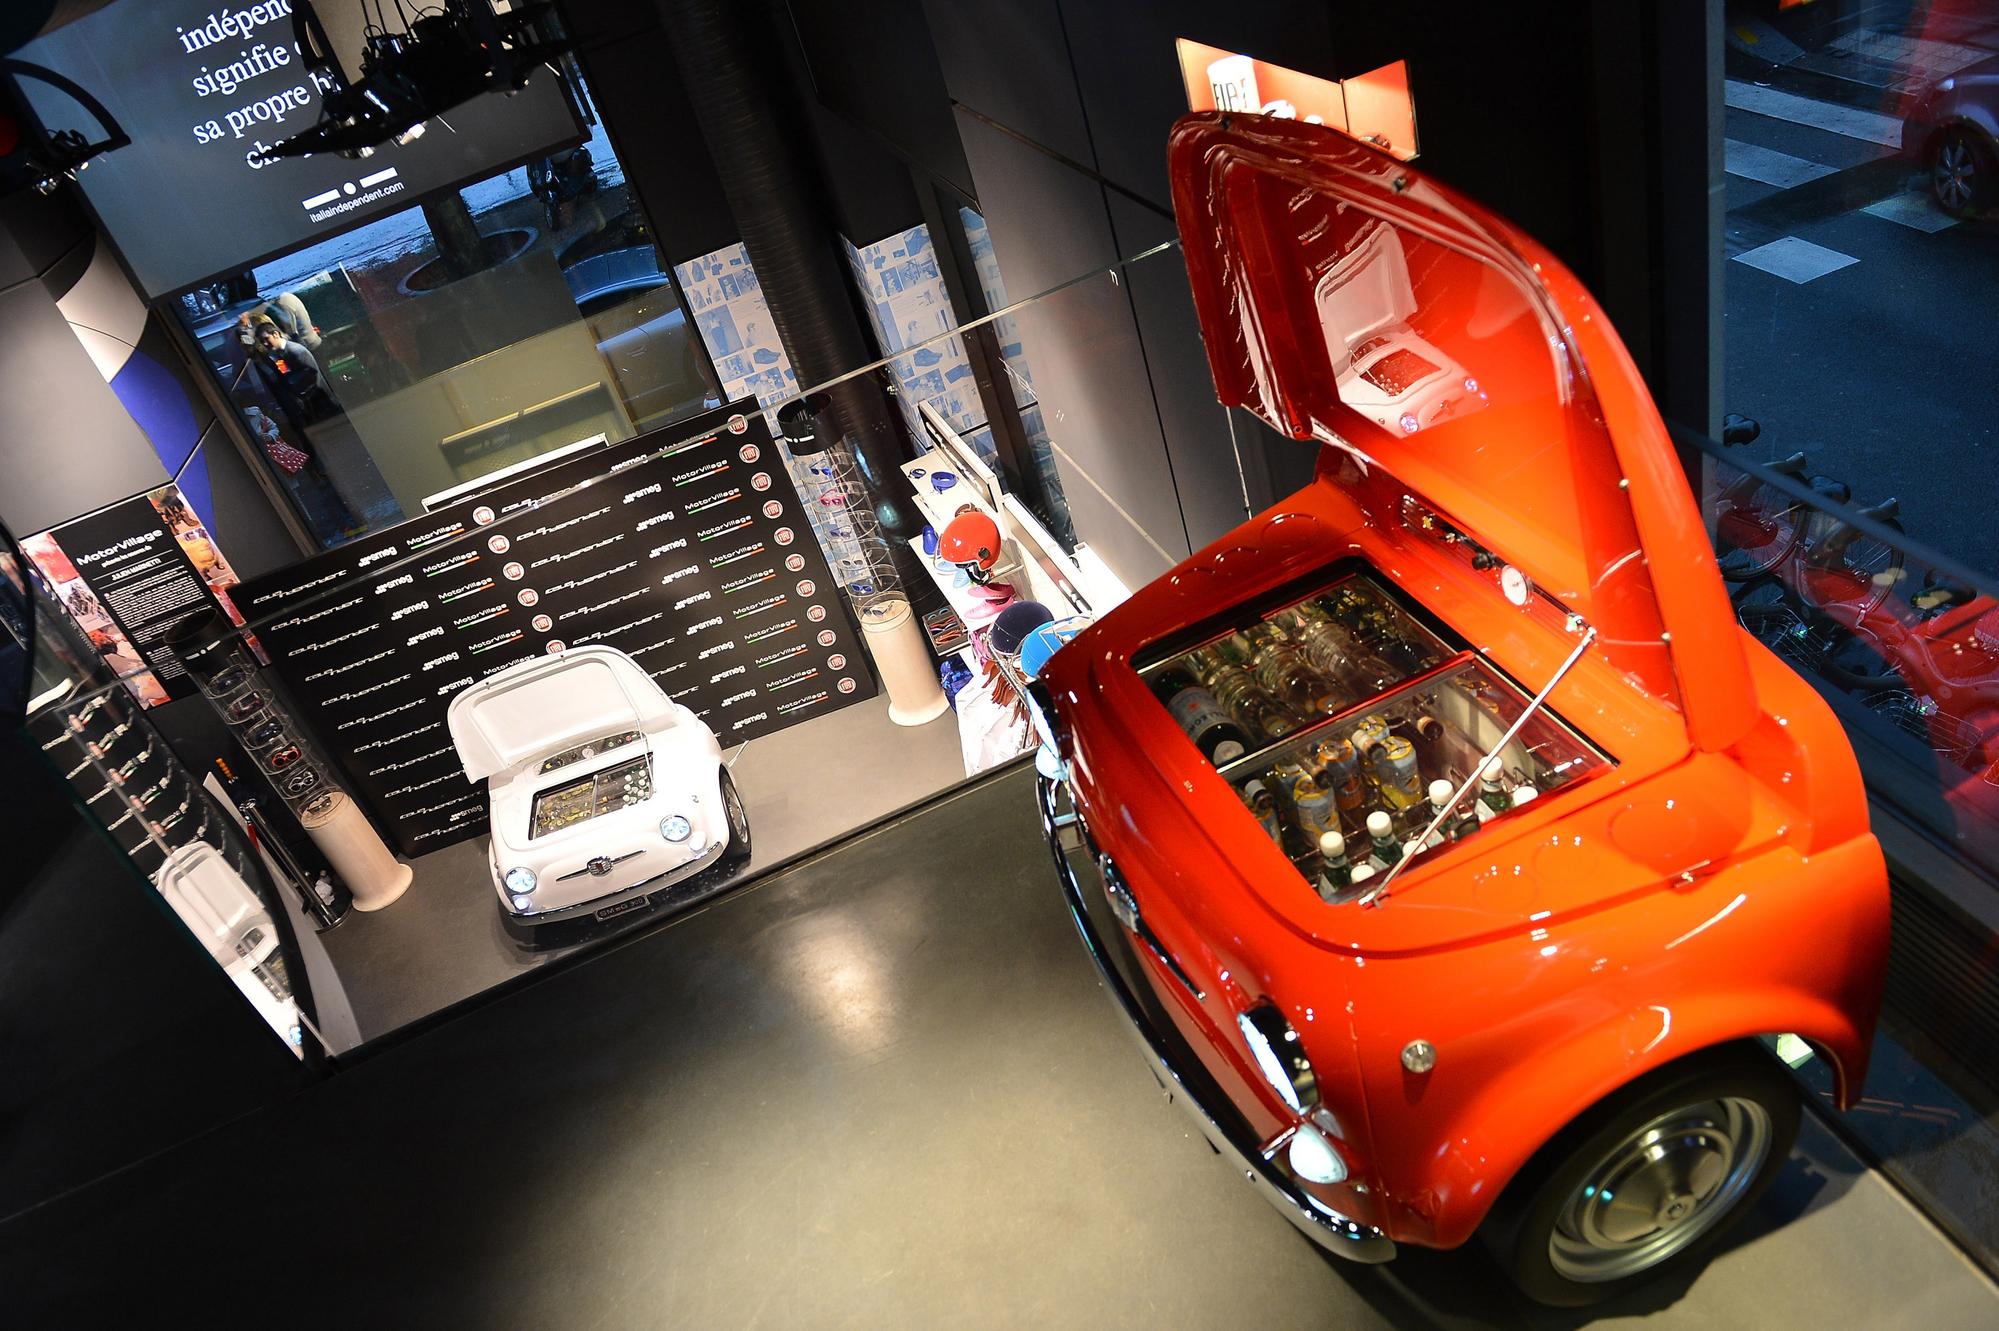 Auto Kühlschrank Selber Bauen : Fiat und smeg bauen smeg kühlschrank slideshow de toviva